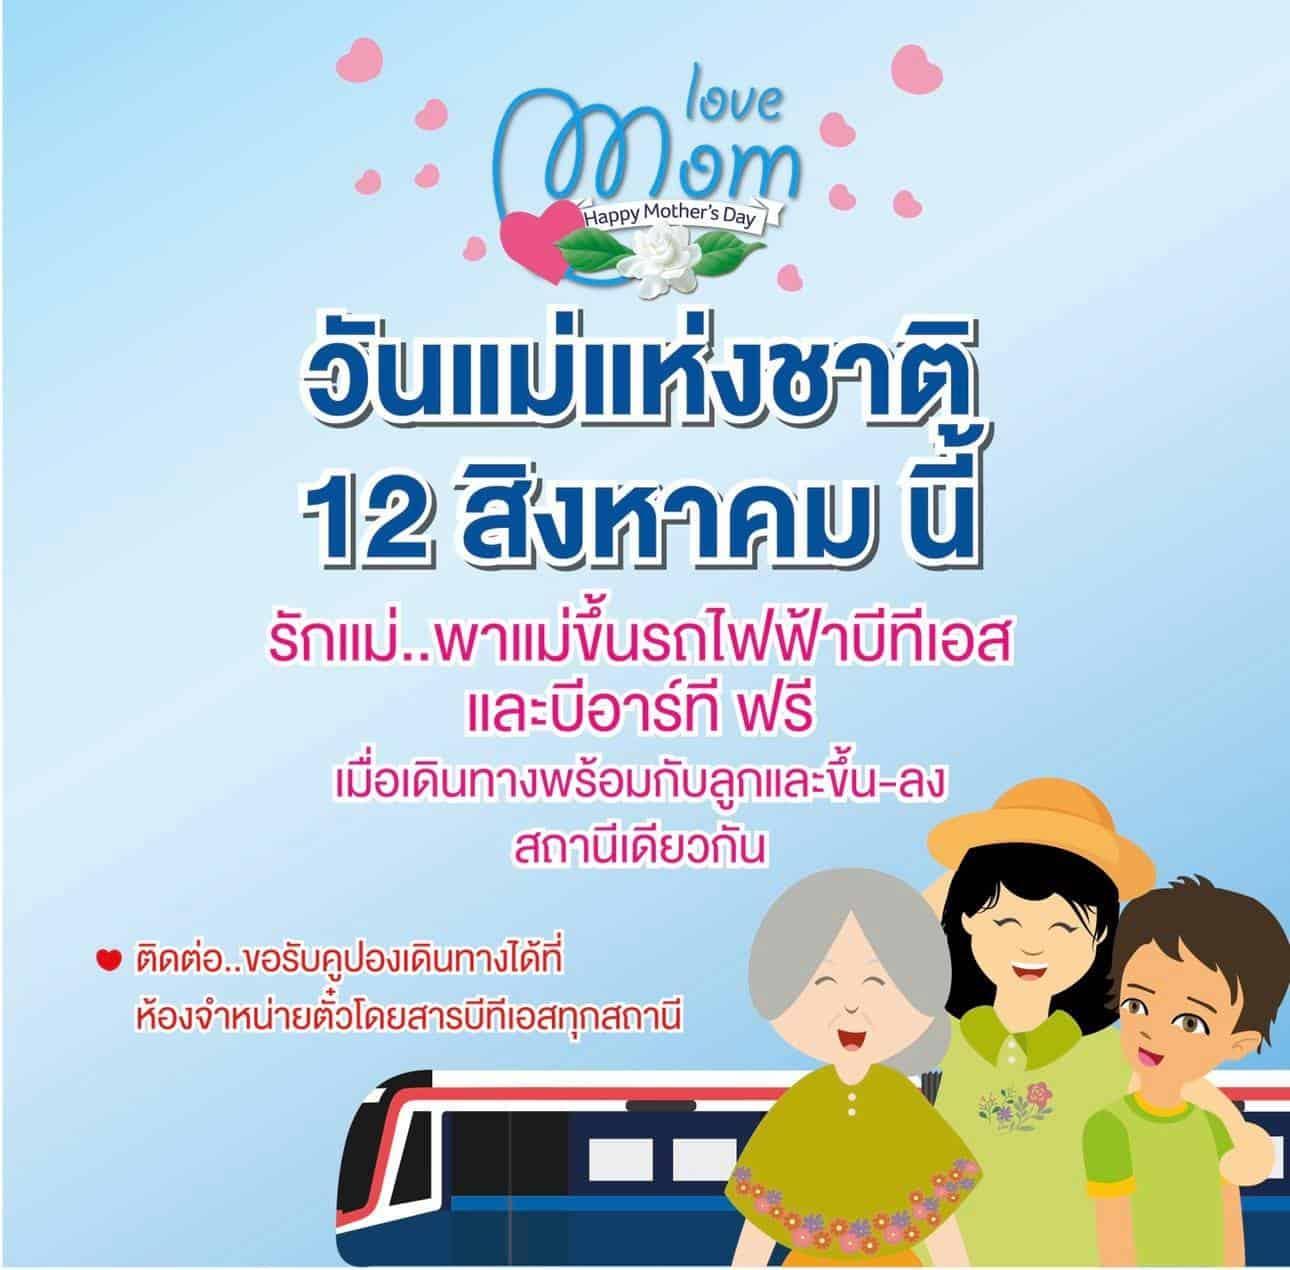 วันแม่แห่งชาติปีนี้ พาแม่เที่ยวไหนดี 2562 มีที่ไหนจัดบ้าง ?